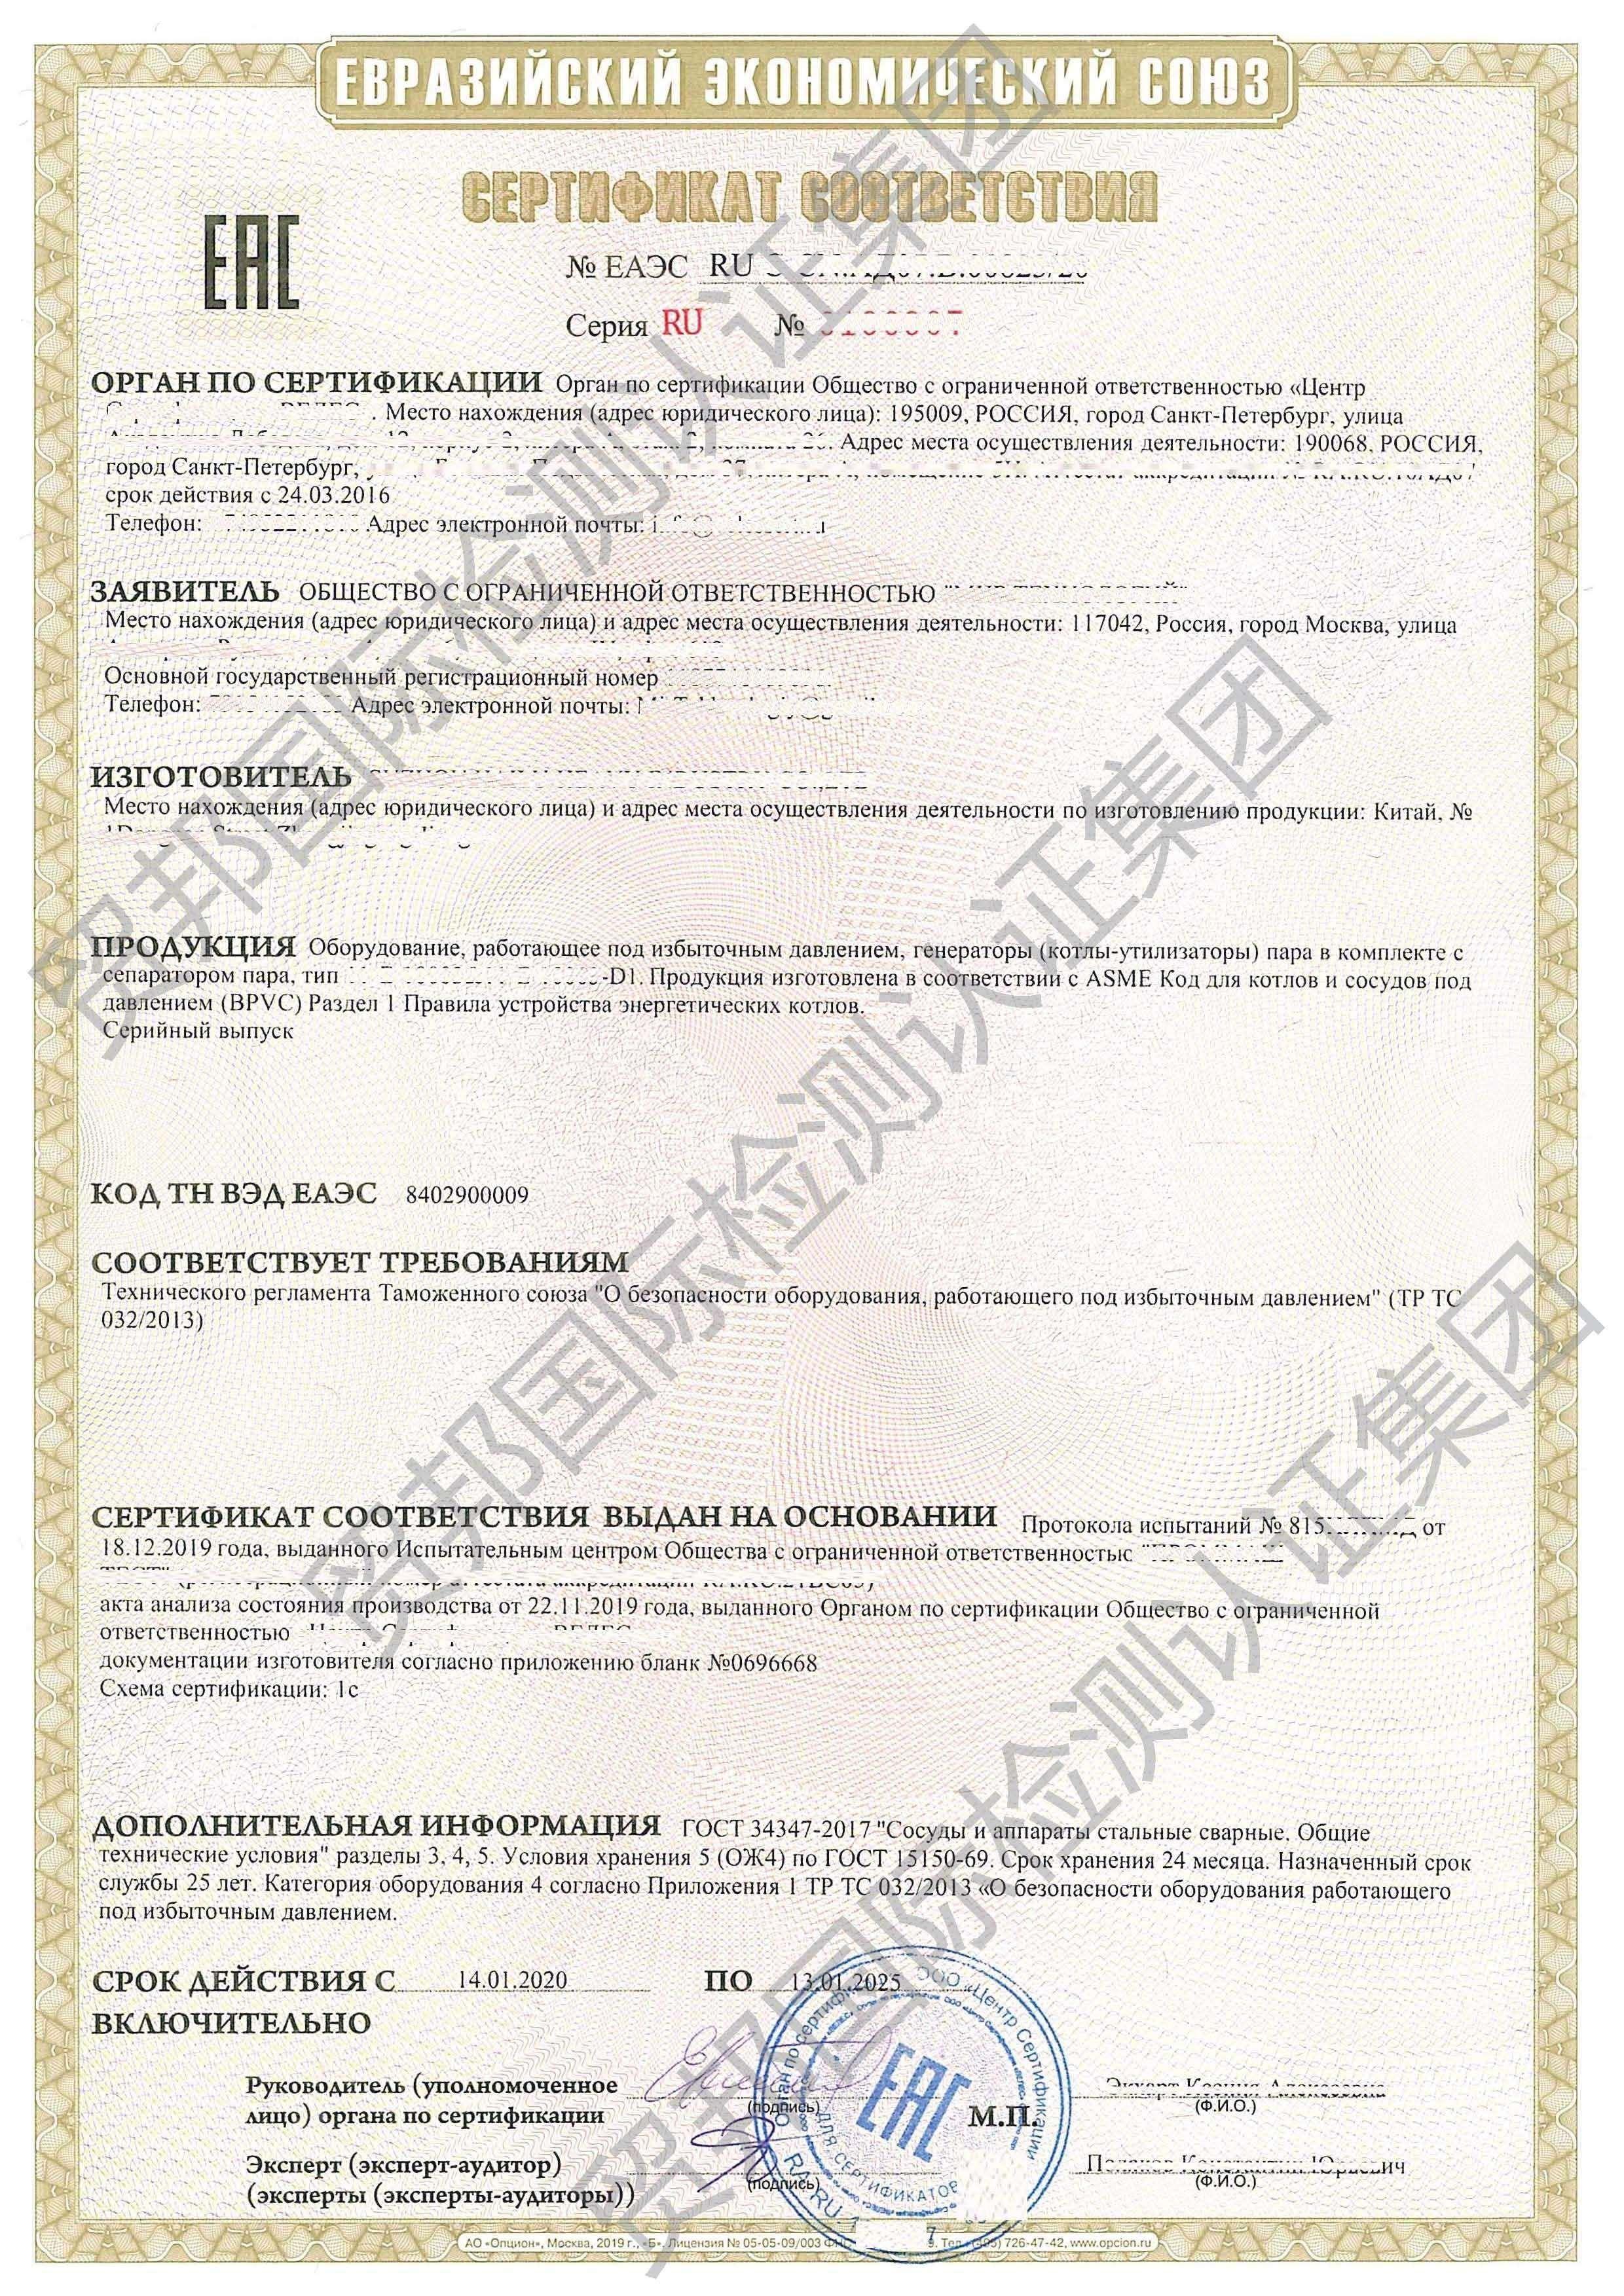 海关联盟合格证-压力指令